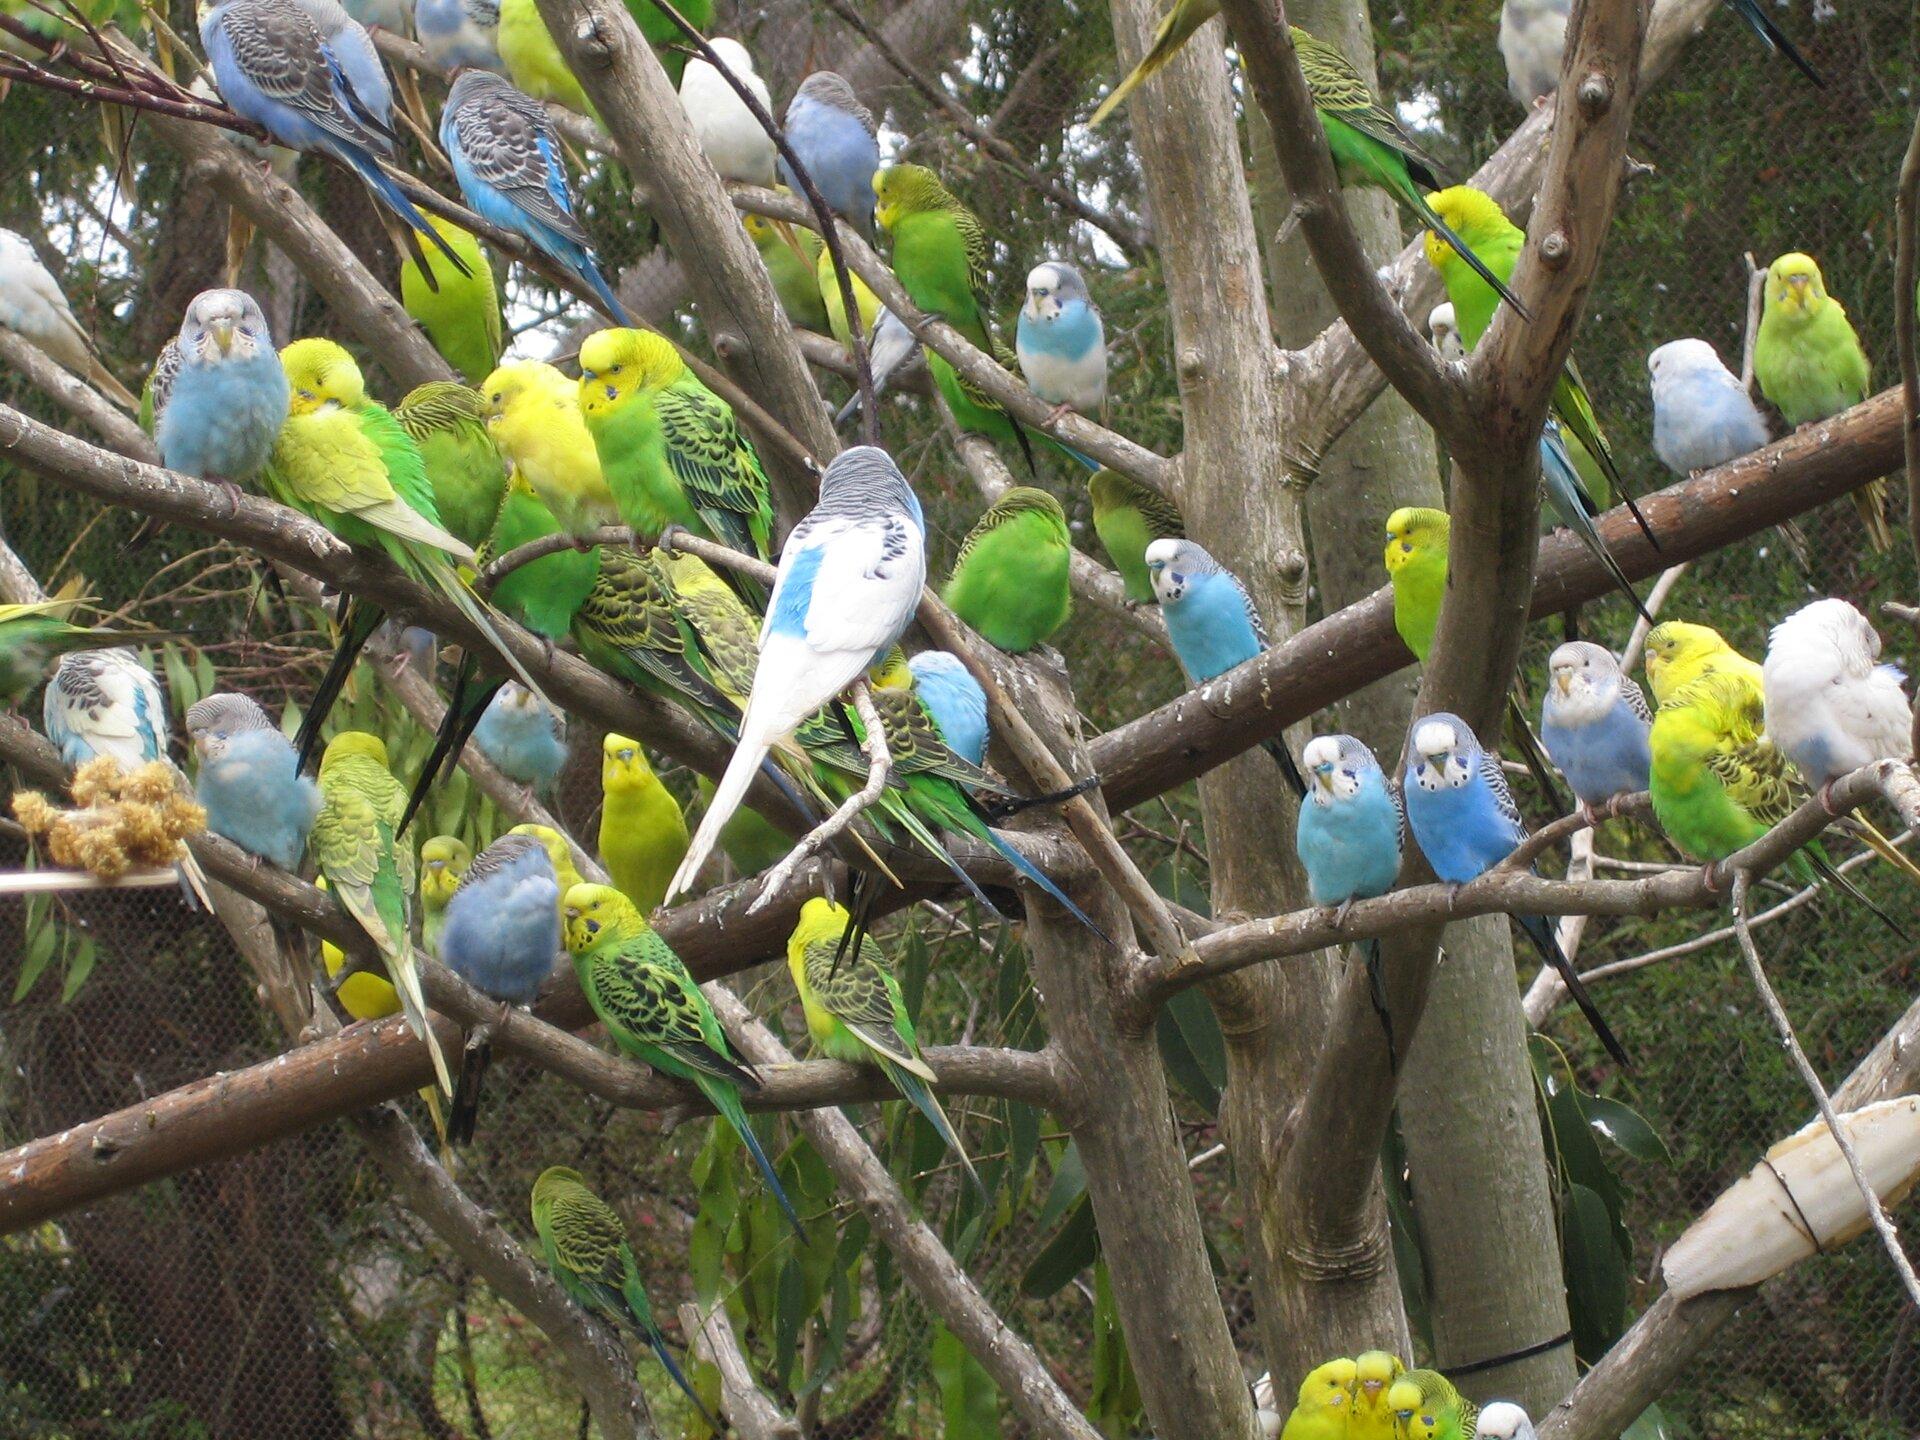 Fotografia przedstawia zielone, żółte iniebieskie papużki faliste,siedzące na drzewie. Ptaki mają różne genotypy iróżne fenotypy (wygląd).